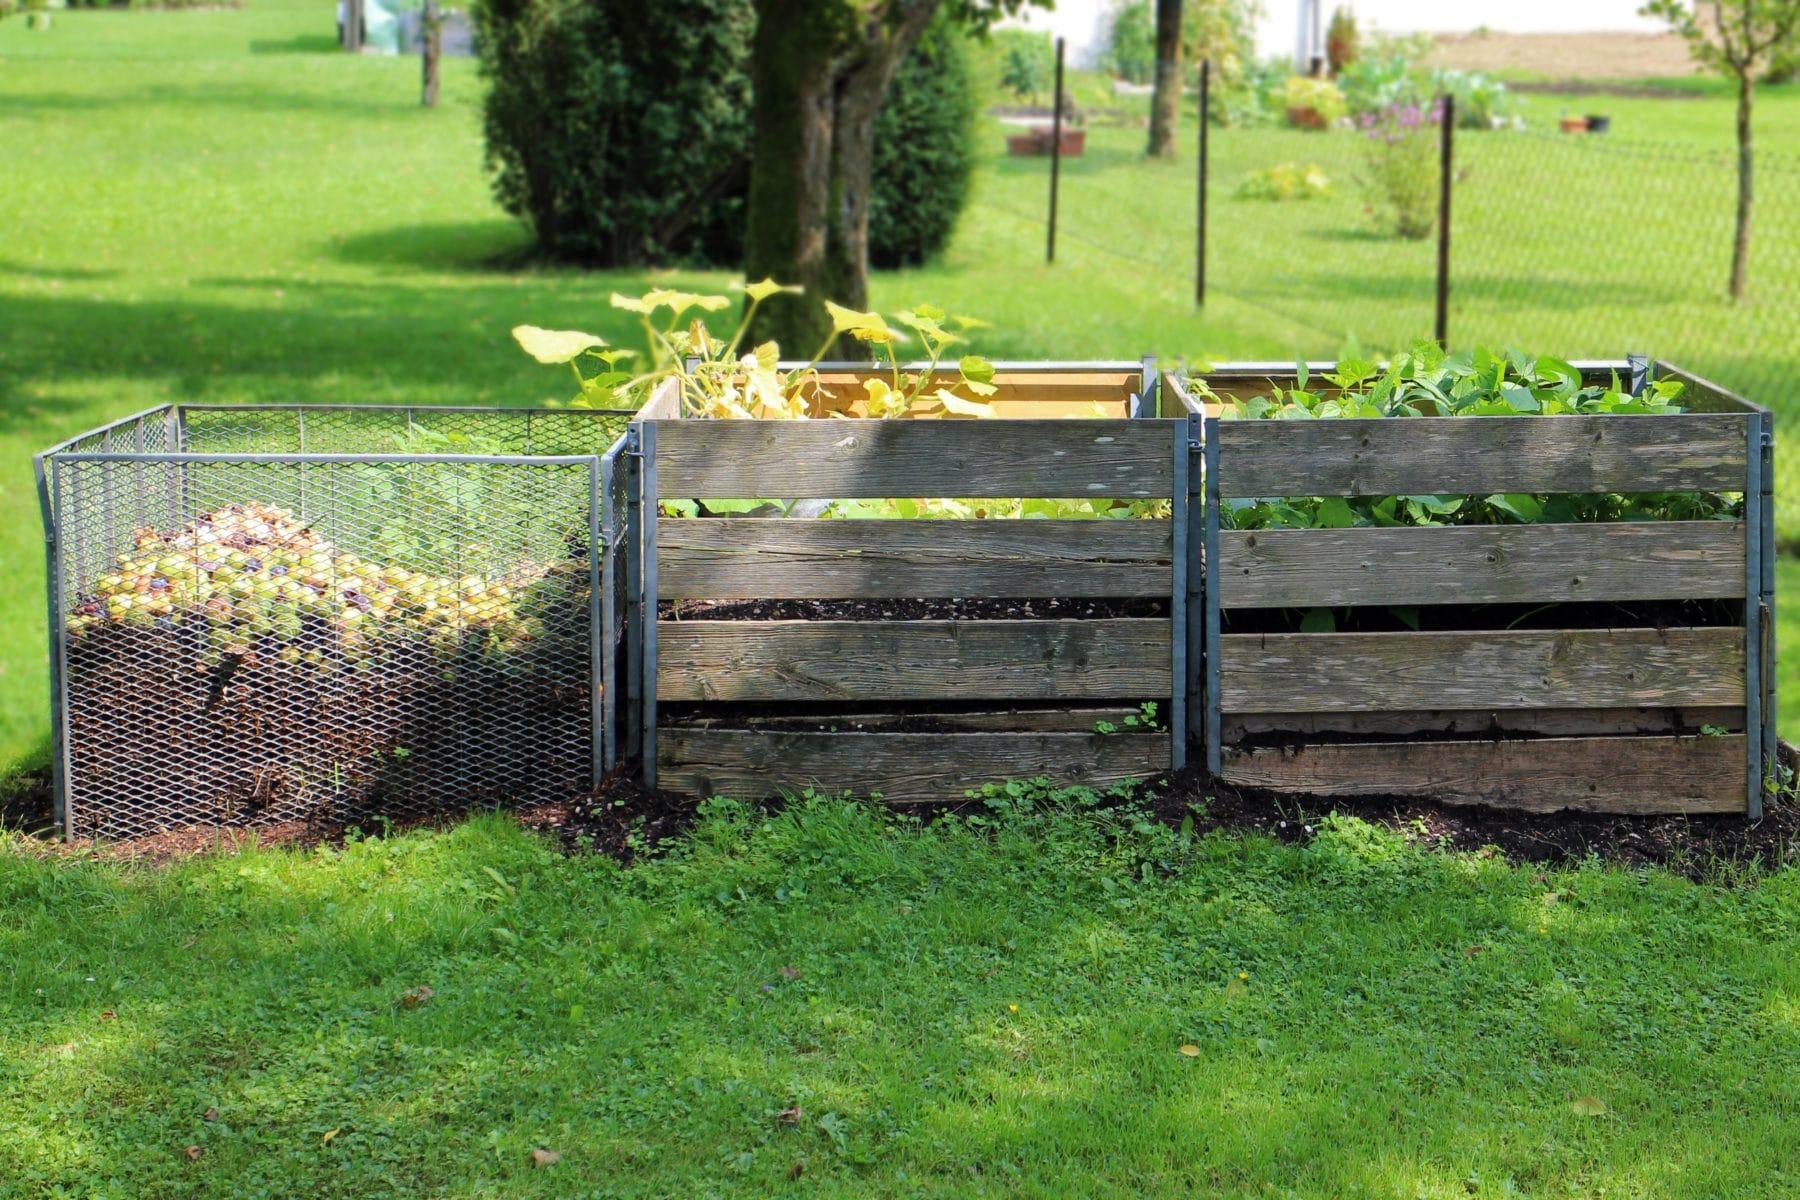 kompost anlegen: mit dieser anleitung gelingt es!